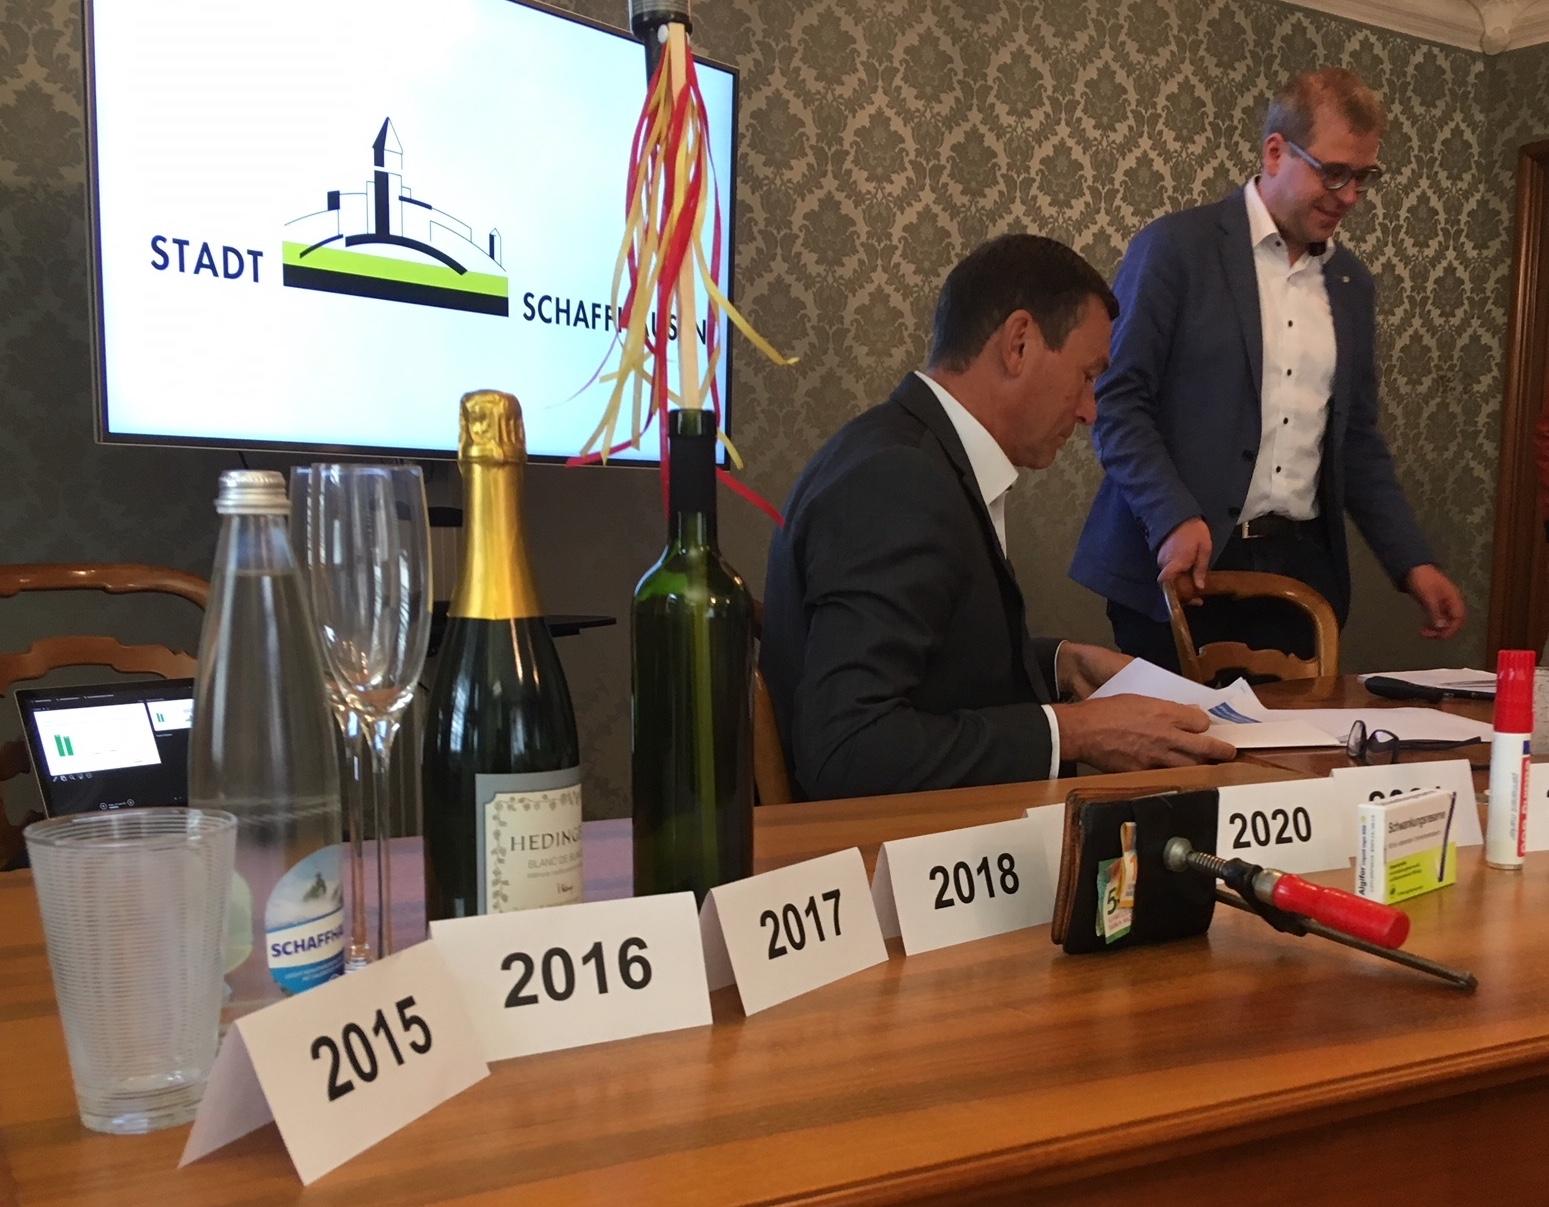 Mit diversen Gimmicks erkläutert Daniel Preisig (rechts) die Finanzlage: Aktuell ist das Budget «unter Druck».